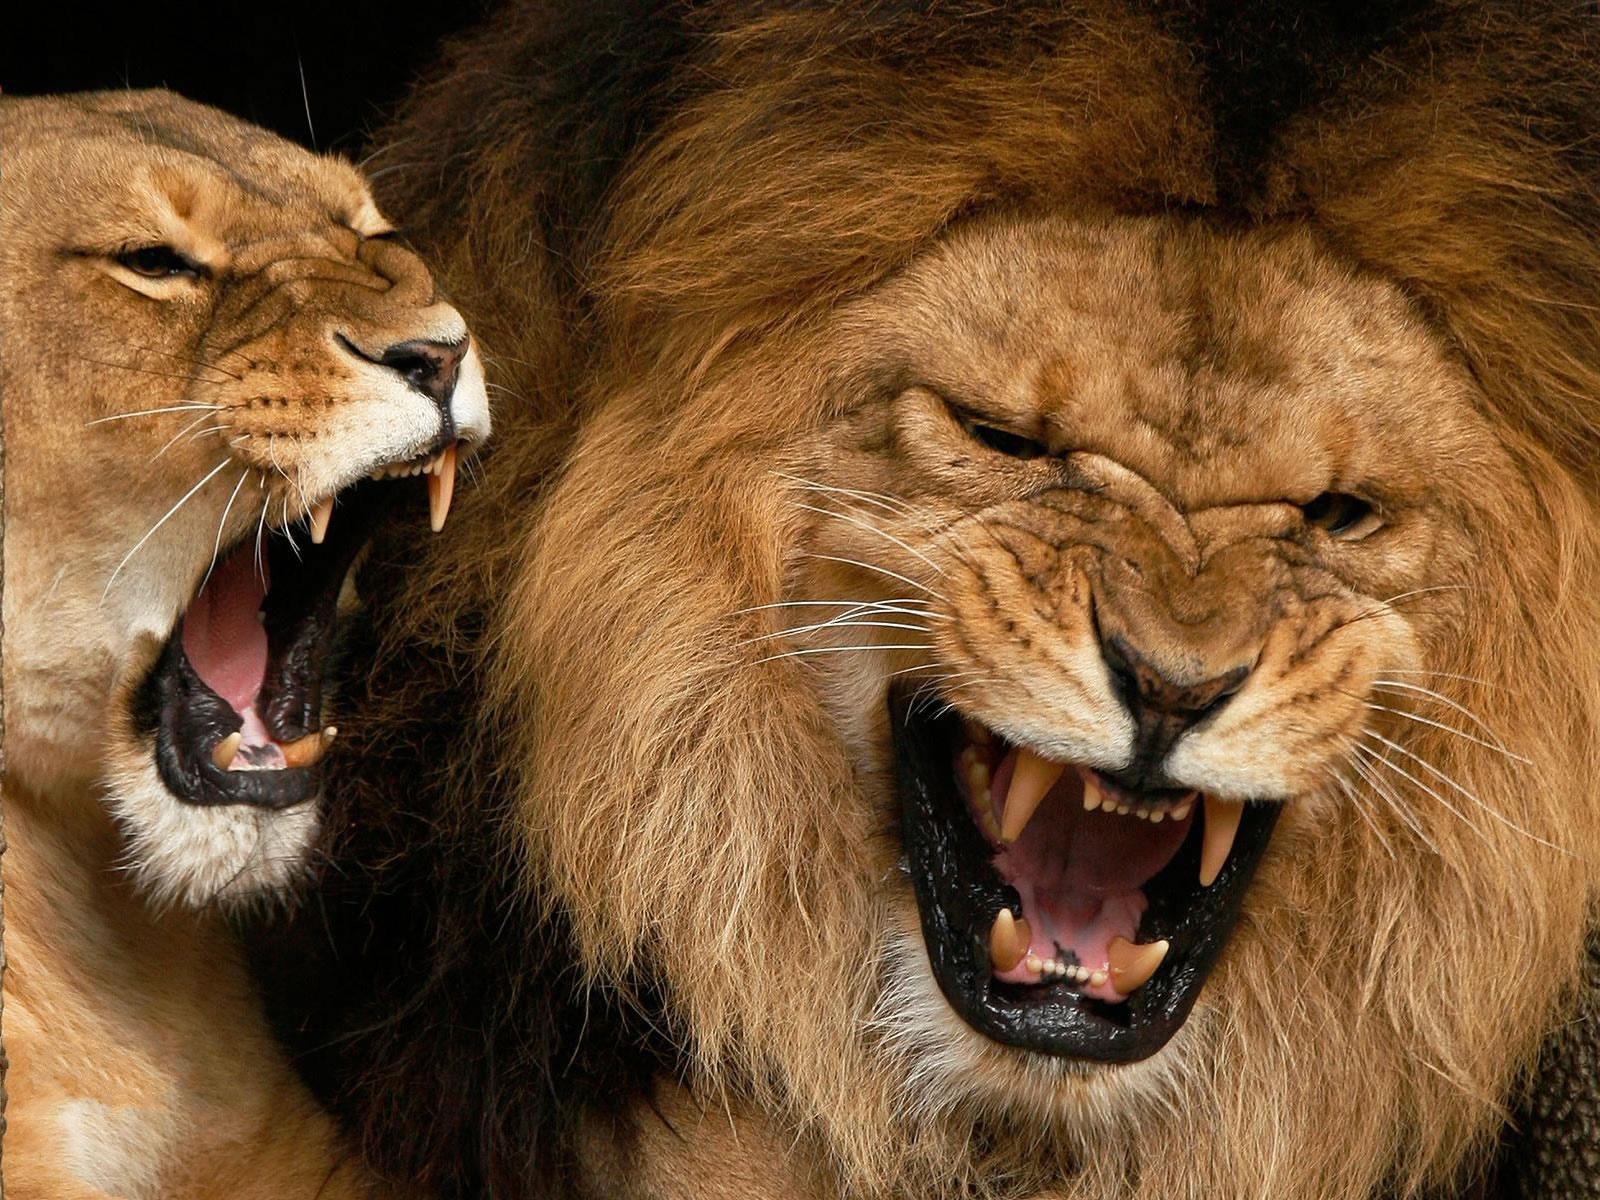 Roaring Animal Lion Wallpapers